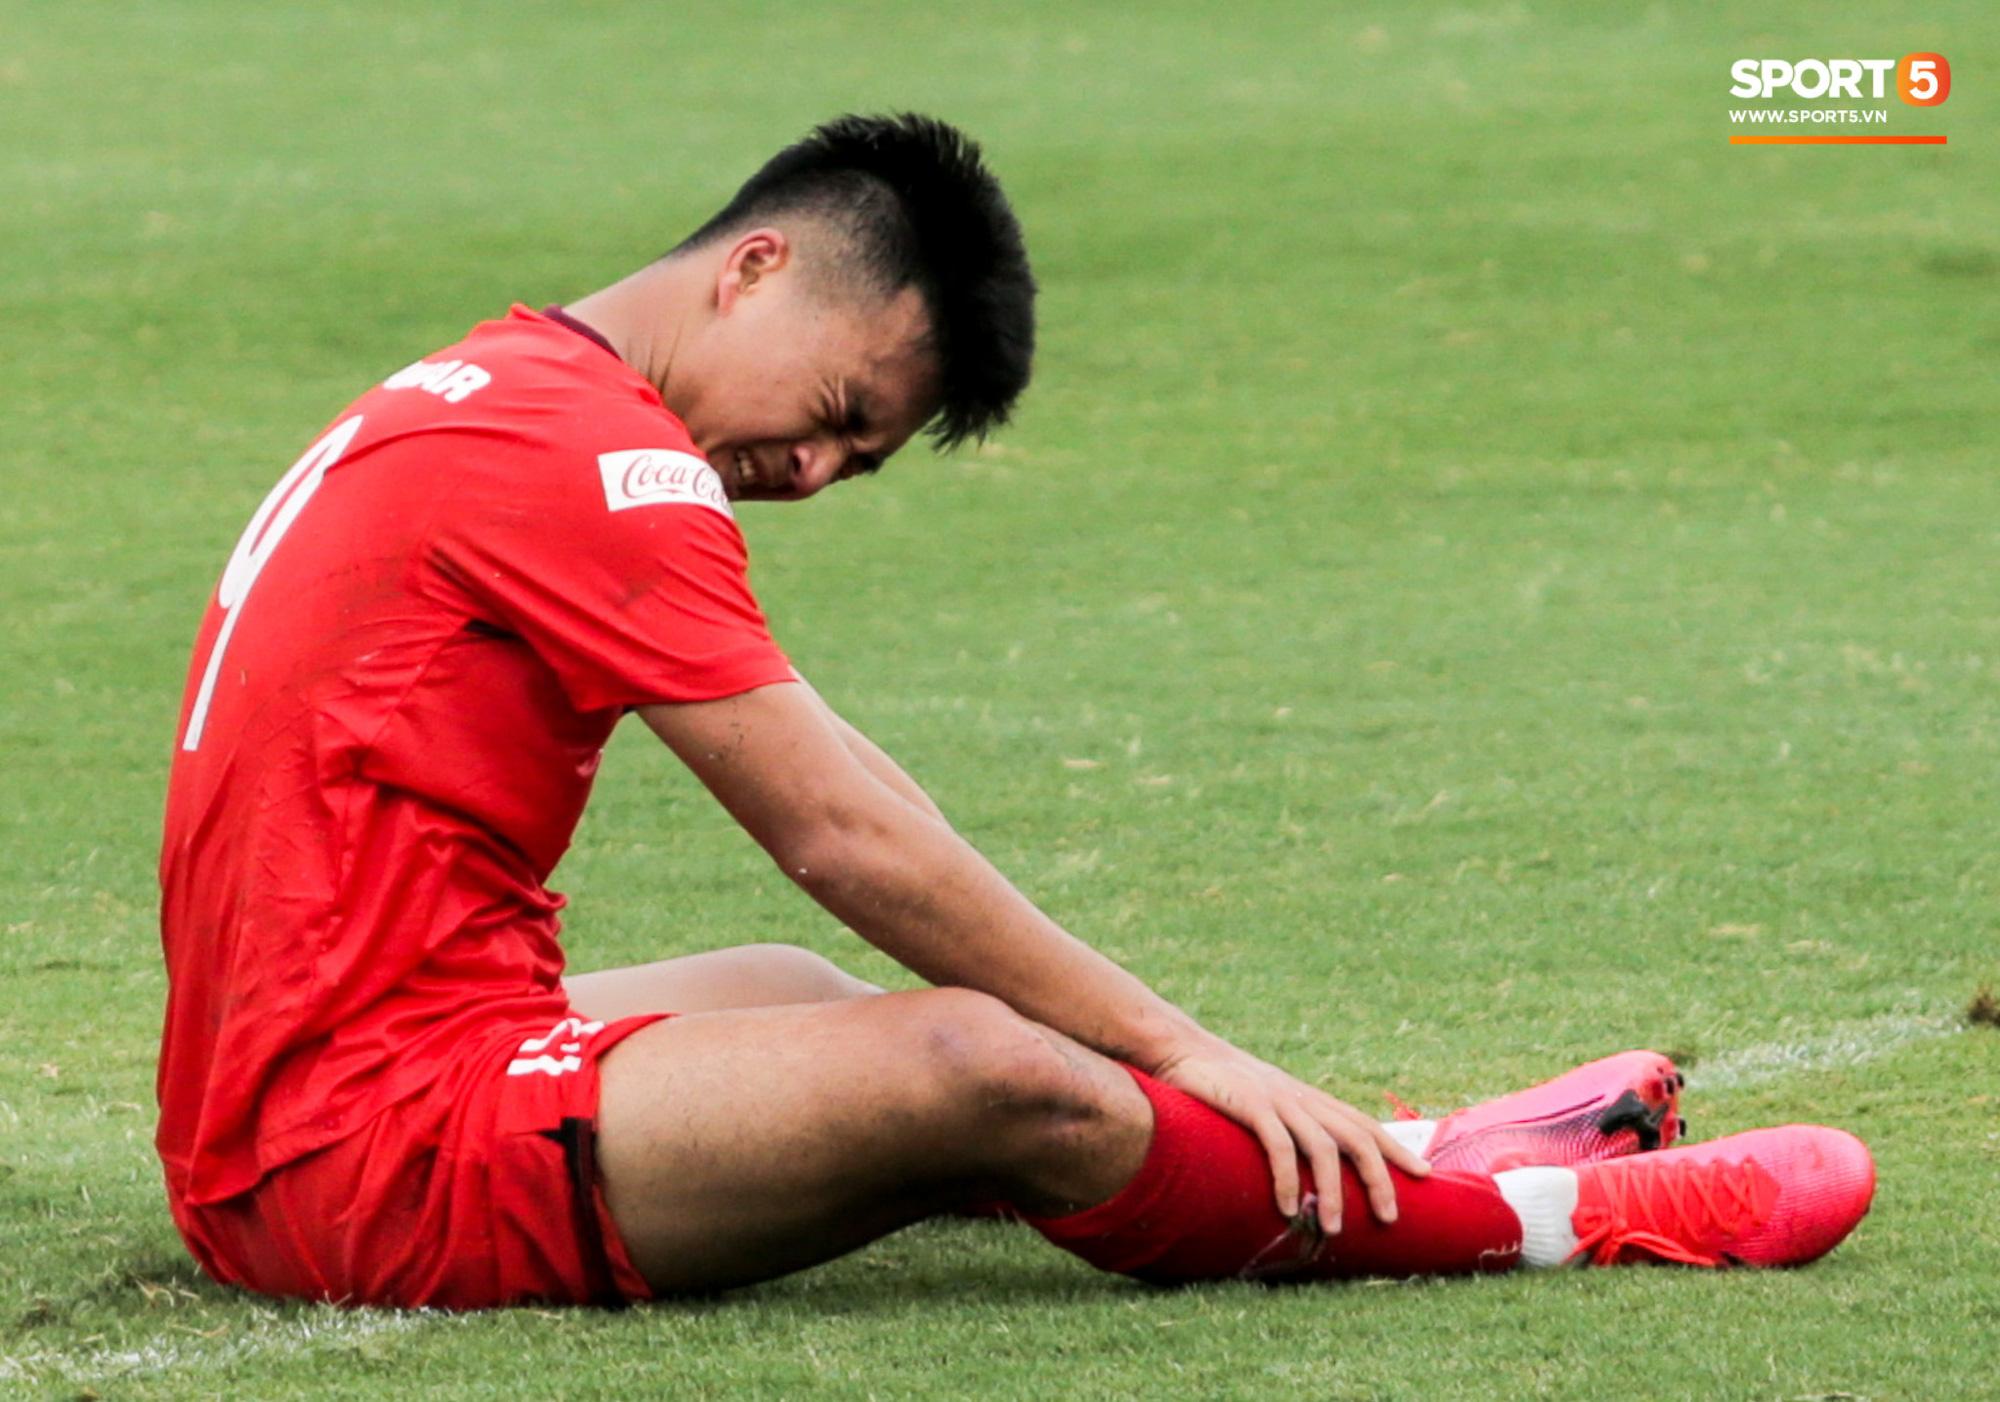 Lứa đàn em Quang Hải lộ hình ảnh yếu như sên sau bài kiểm tra đơn giản của HLV Park Hang-seo - Ảnh 3.